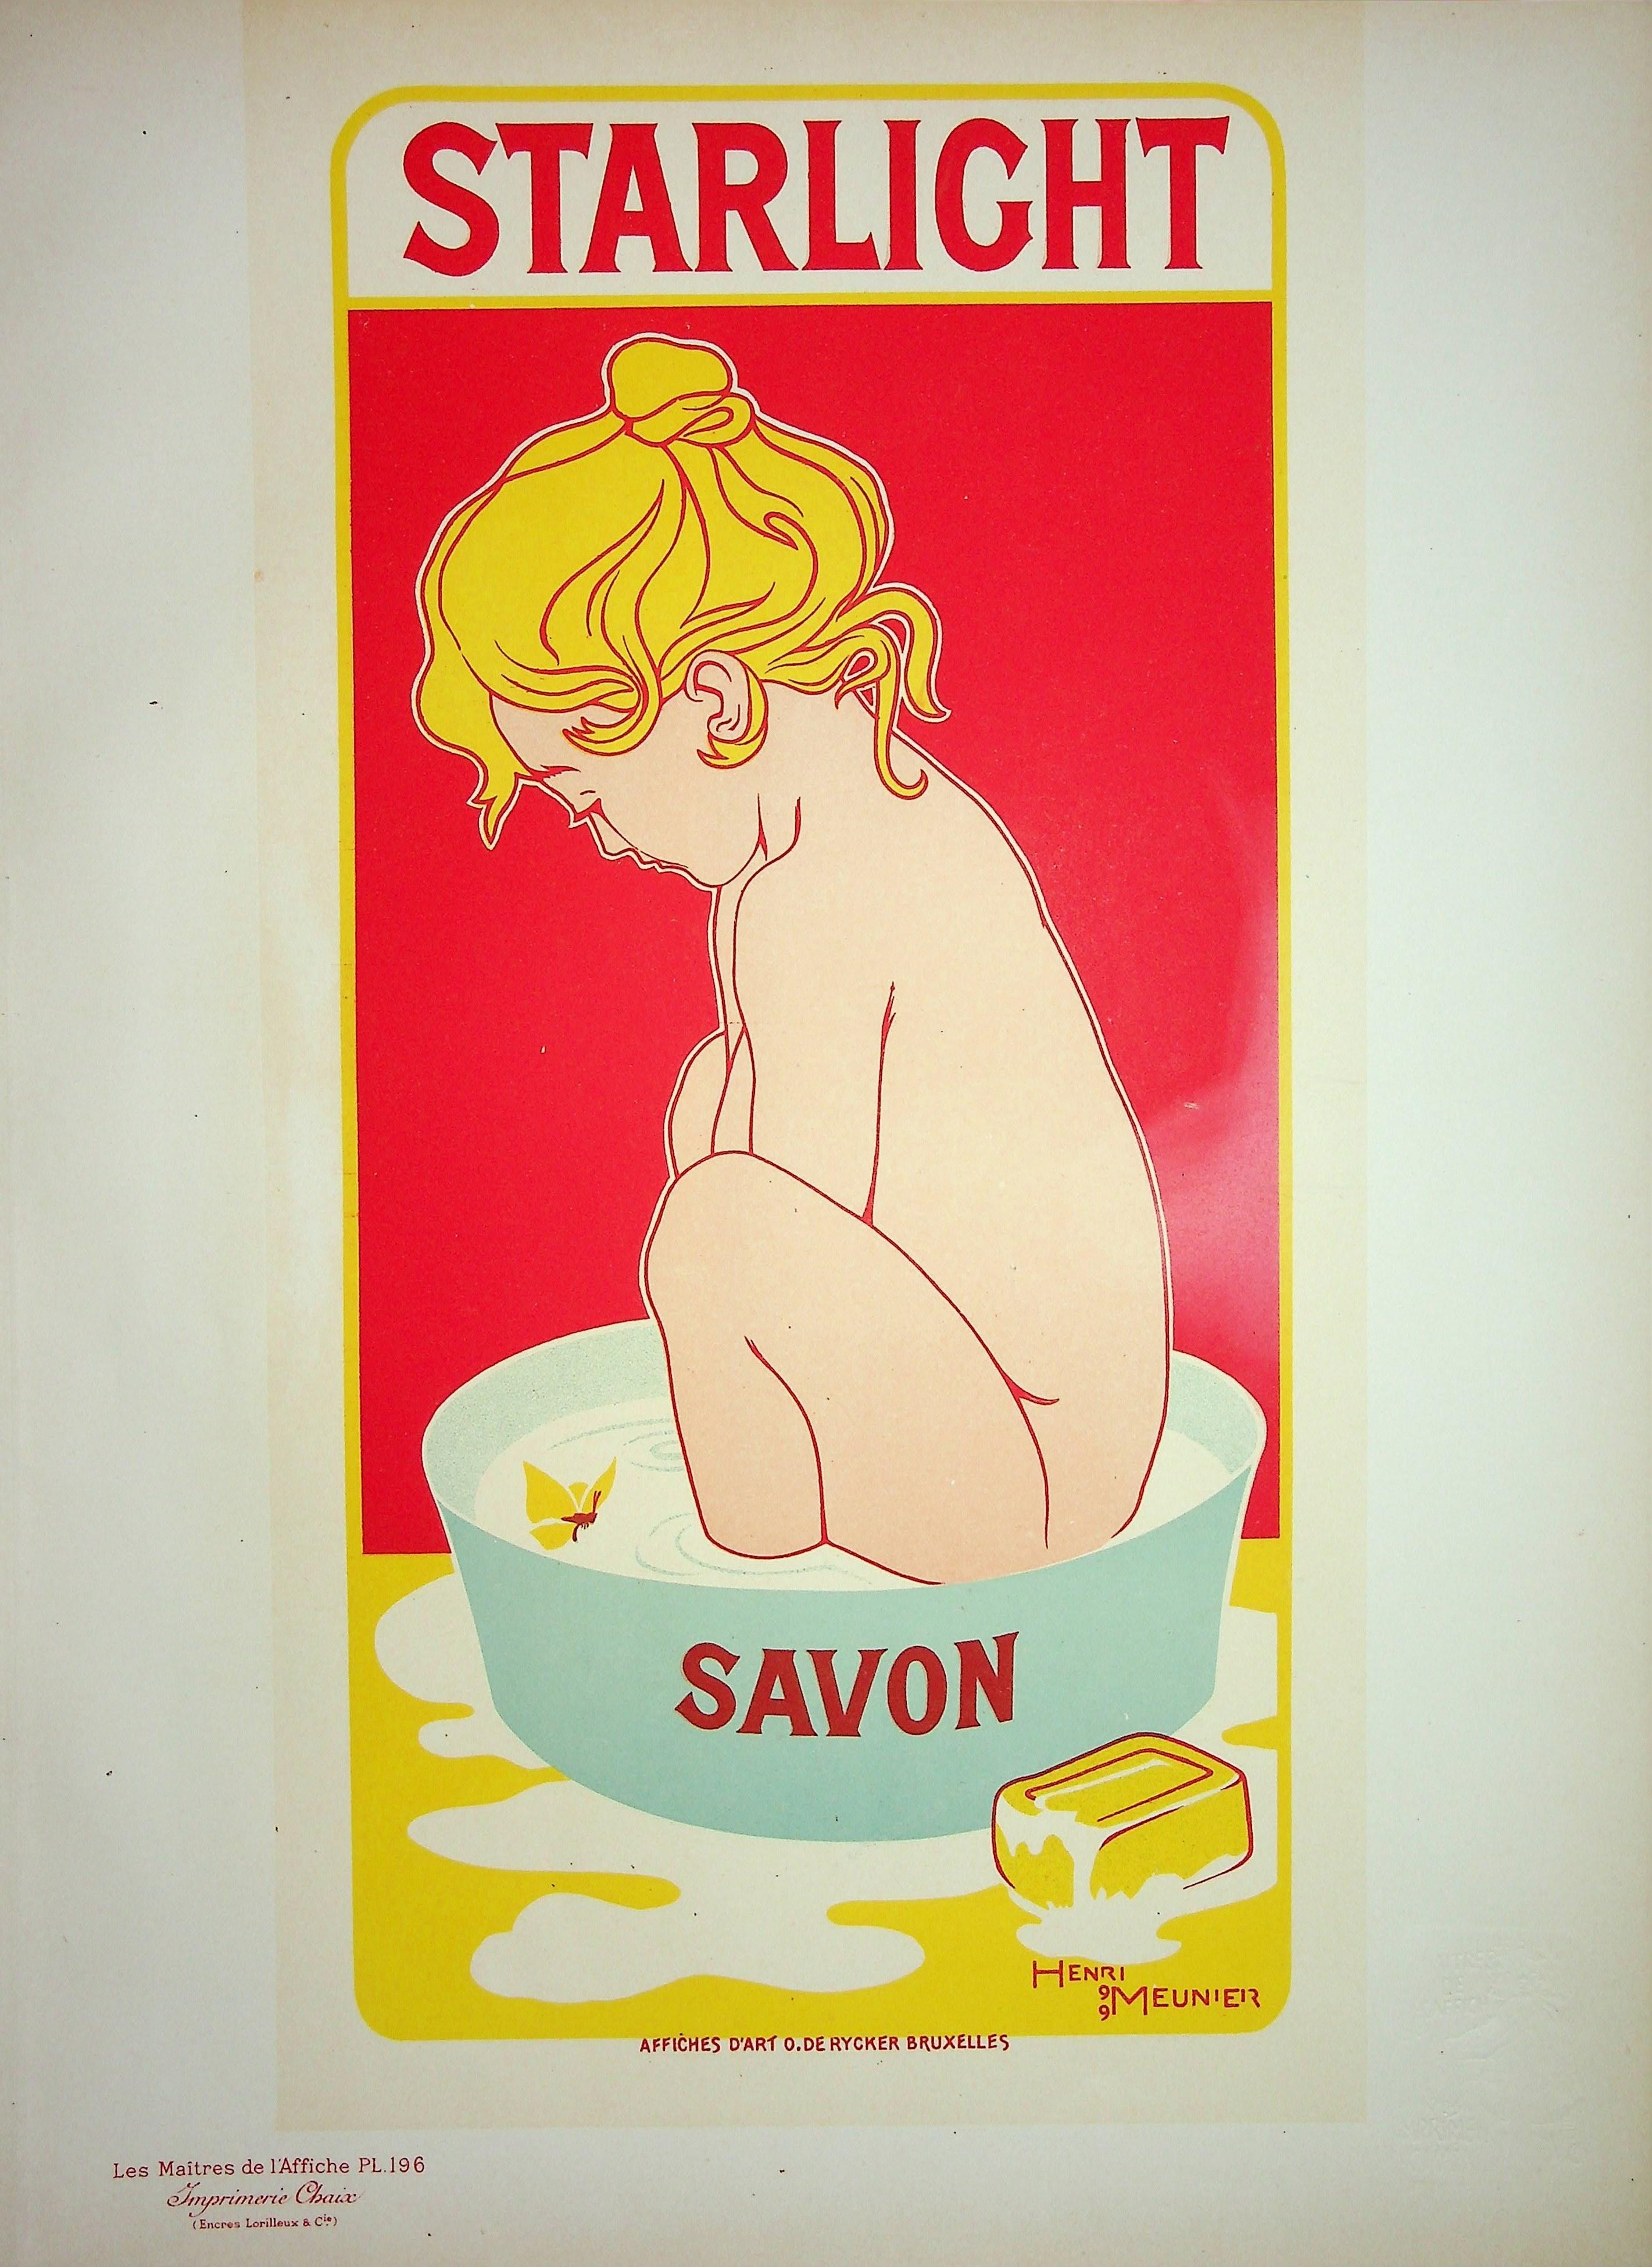 Starlight Soap - Original Lithograph (Les Maîtres de l'Affiche), 1900